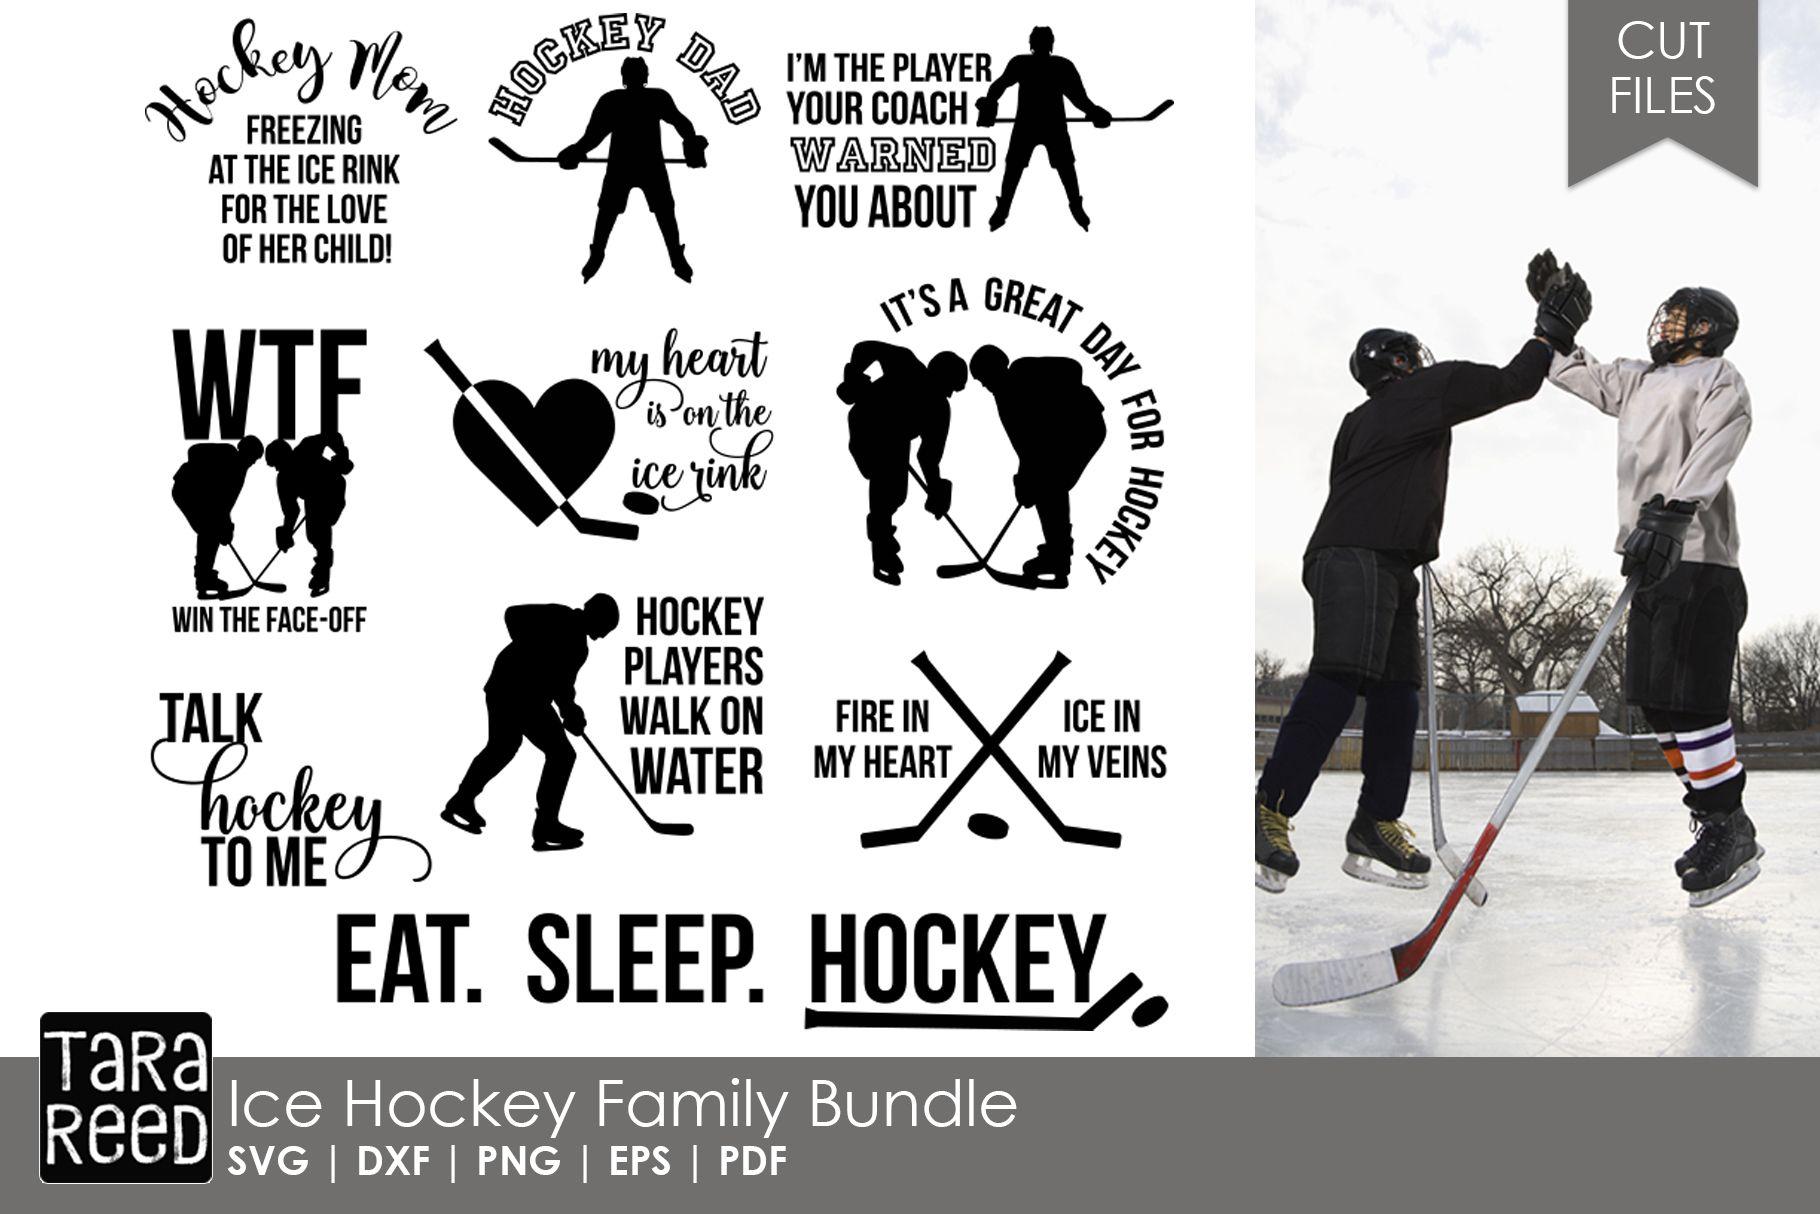 Icehockey Icehockeysayings Icehockeysvg Icehockeycutfiles Icehockeymom Icehockeydad Icehockeyhumor Ice Hockey Hockey Dad Hockey